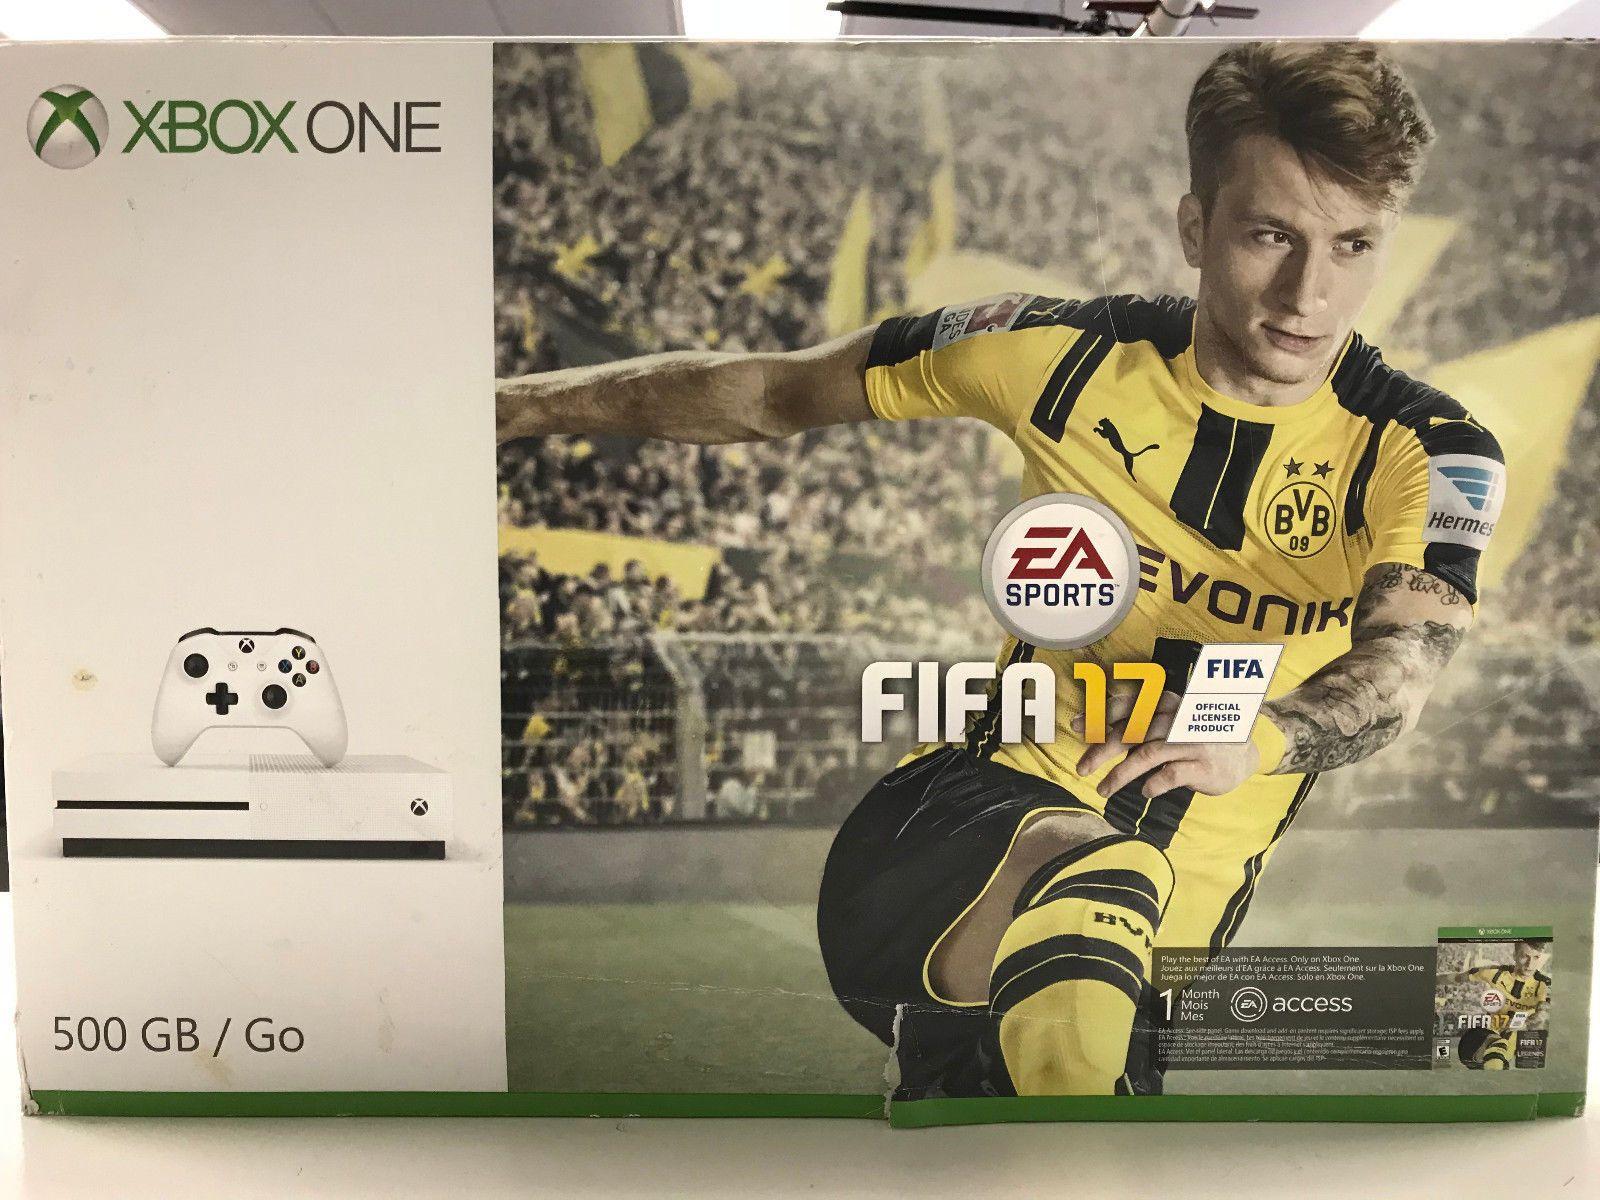 Microsoft Xbox One S Fifa 17 Bundle 500gb White Console Xbox One S Fifa 17 Fifa